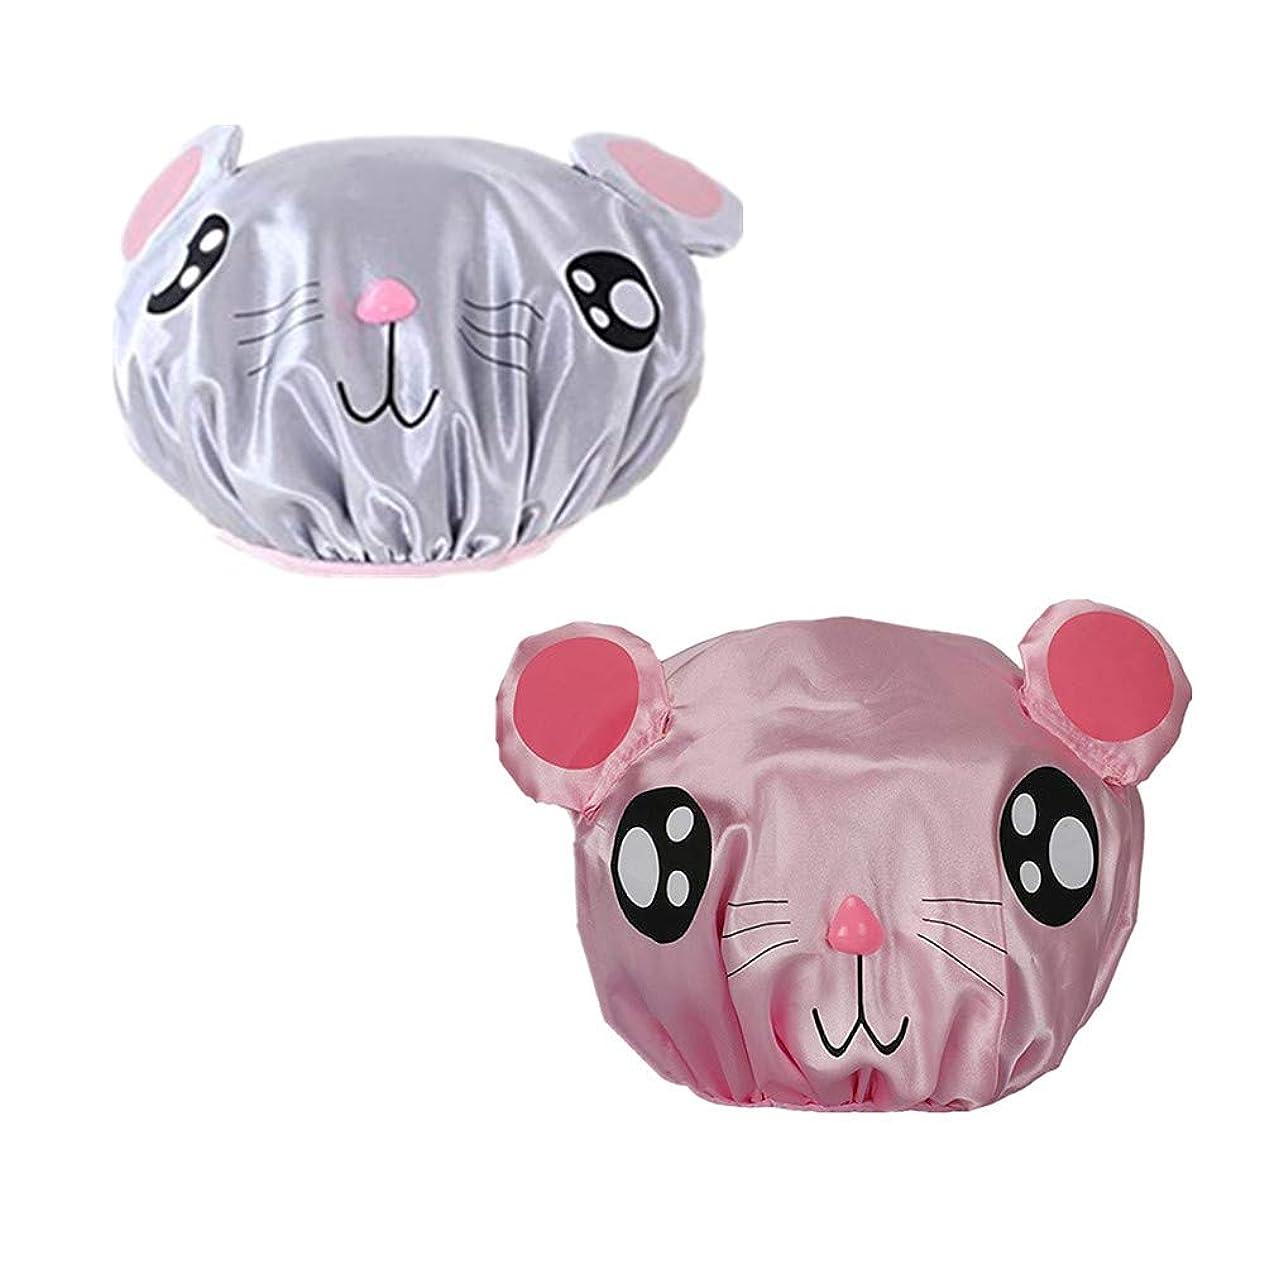 シリンダー戻す資源Kingsie シャワーキャップ キッズ 子供用 2枚セット ヘアキャップ 可愛い 動物柄 カートゥーン 防水帽 入浴キャップ お風呂 ピンク/グレー